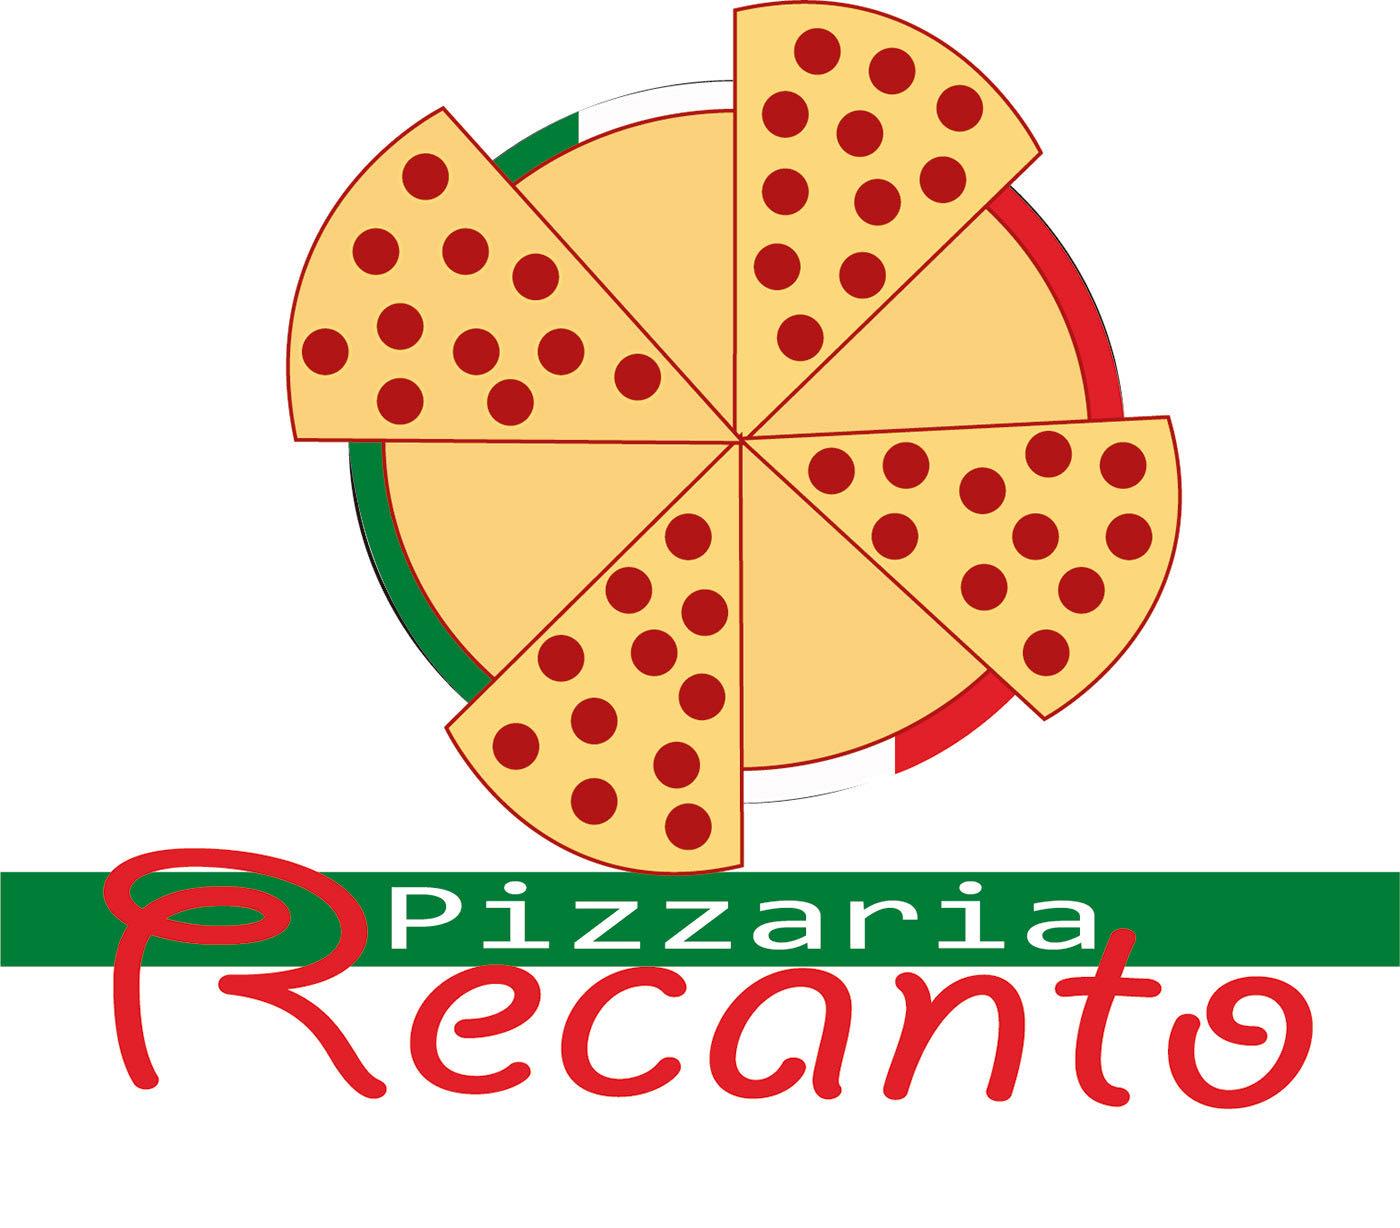 Pizzaria logo